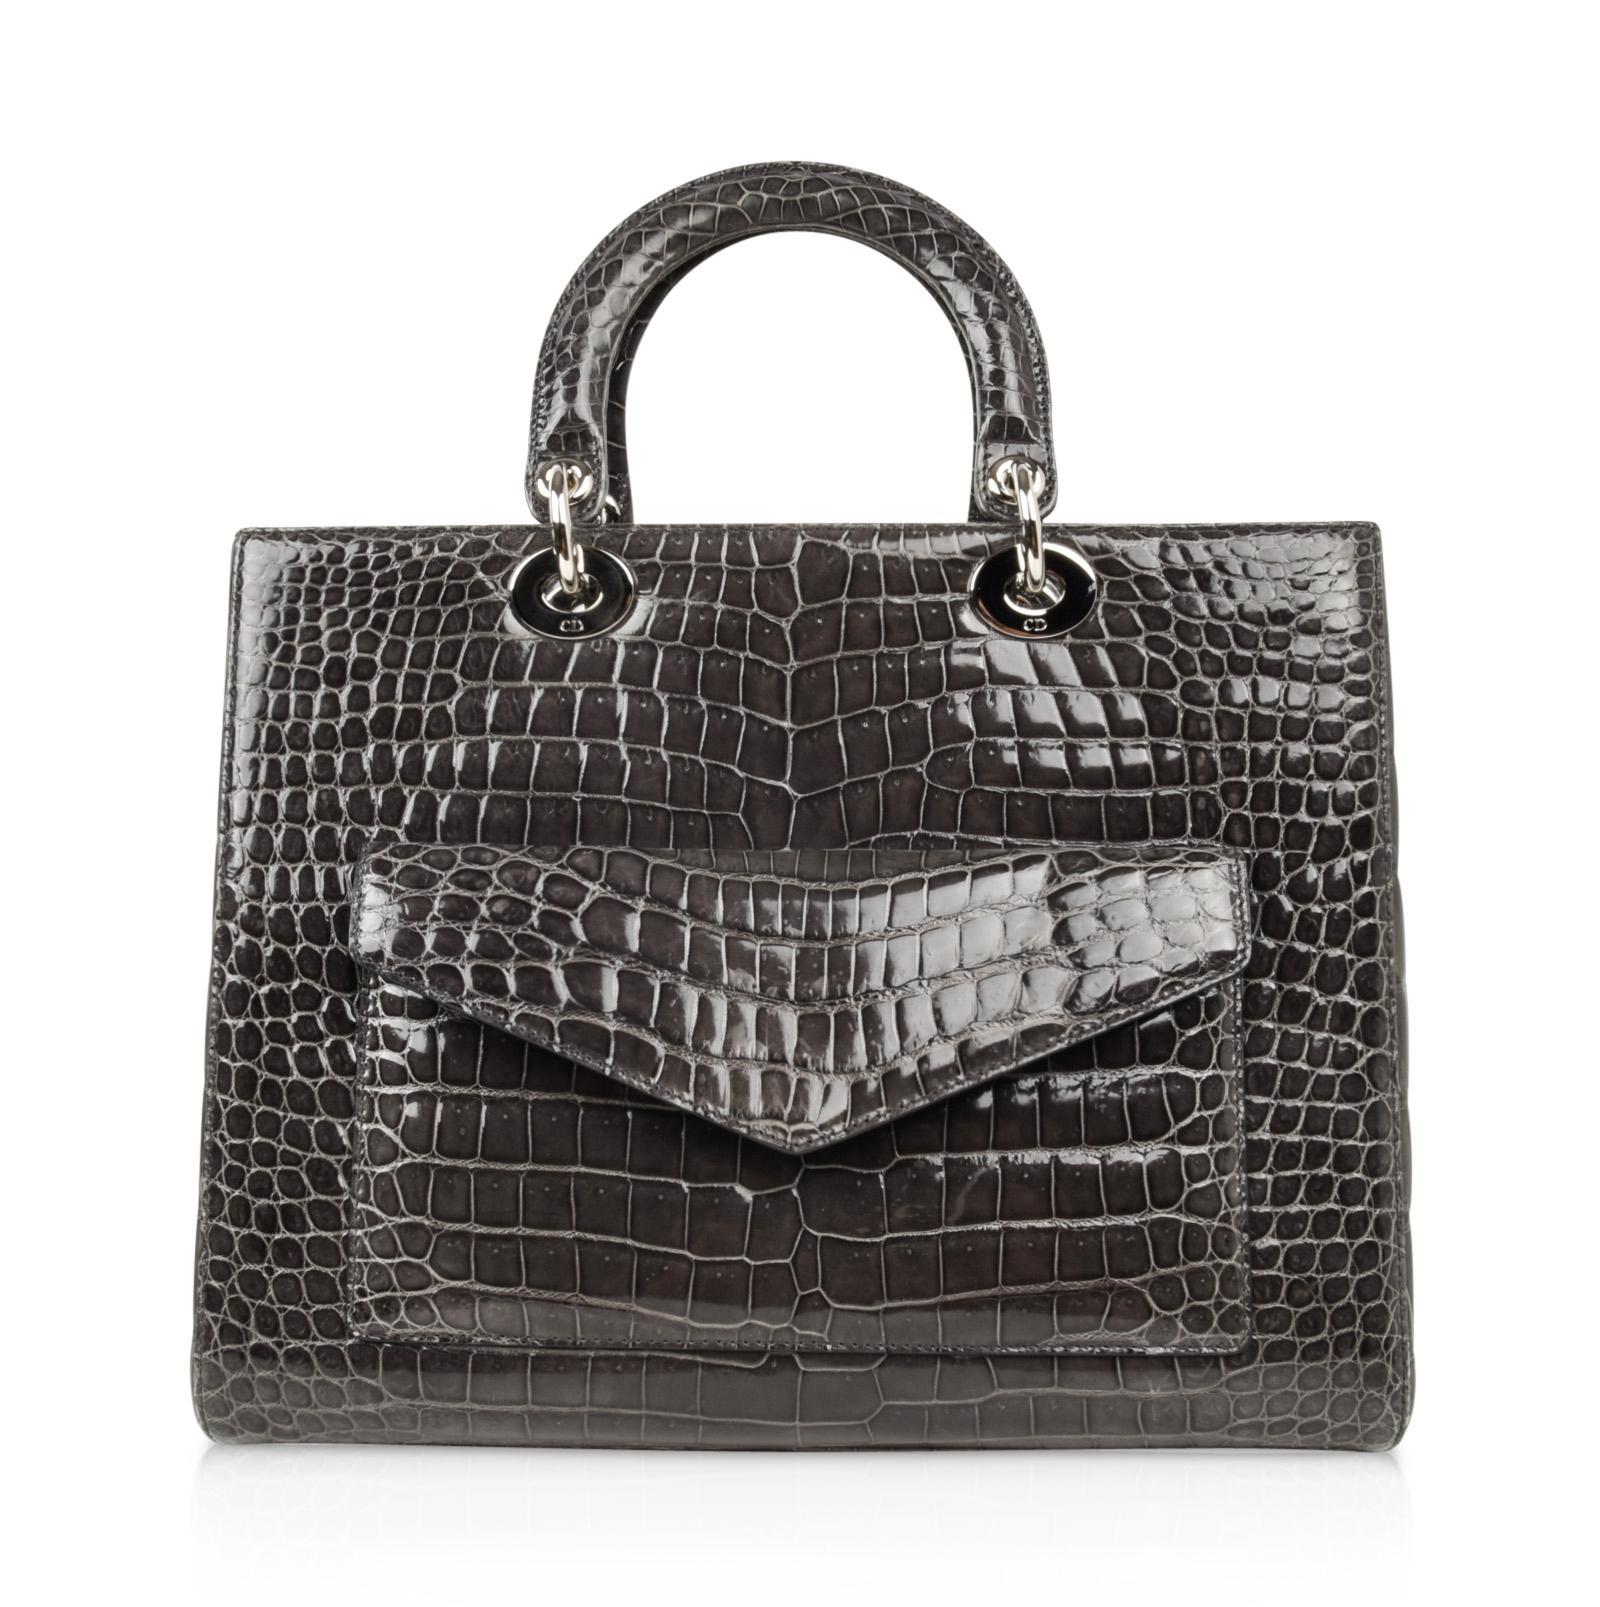 2019 year look- Dior lady crocodile pattern bag sale